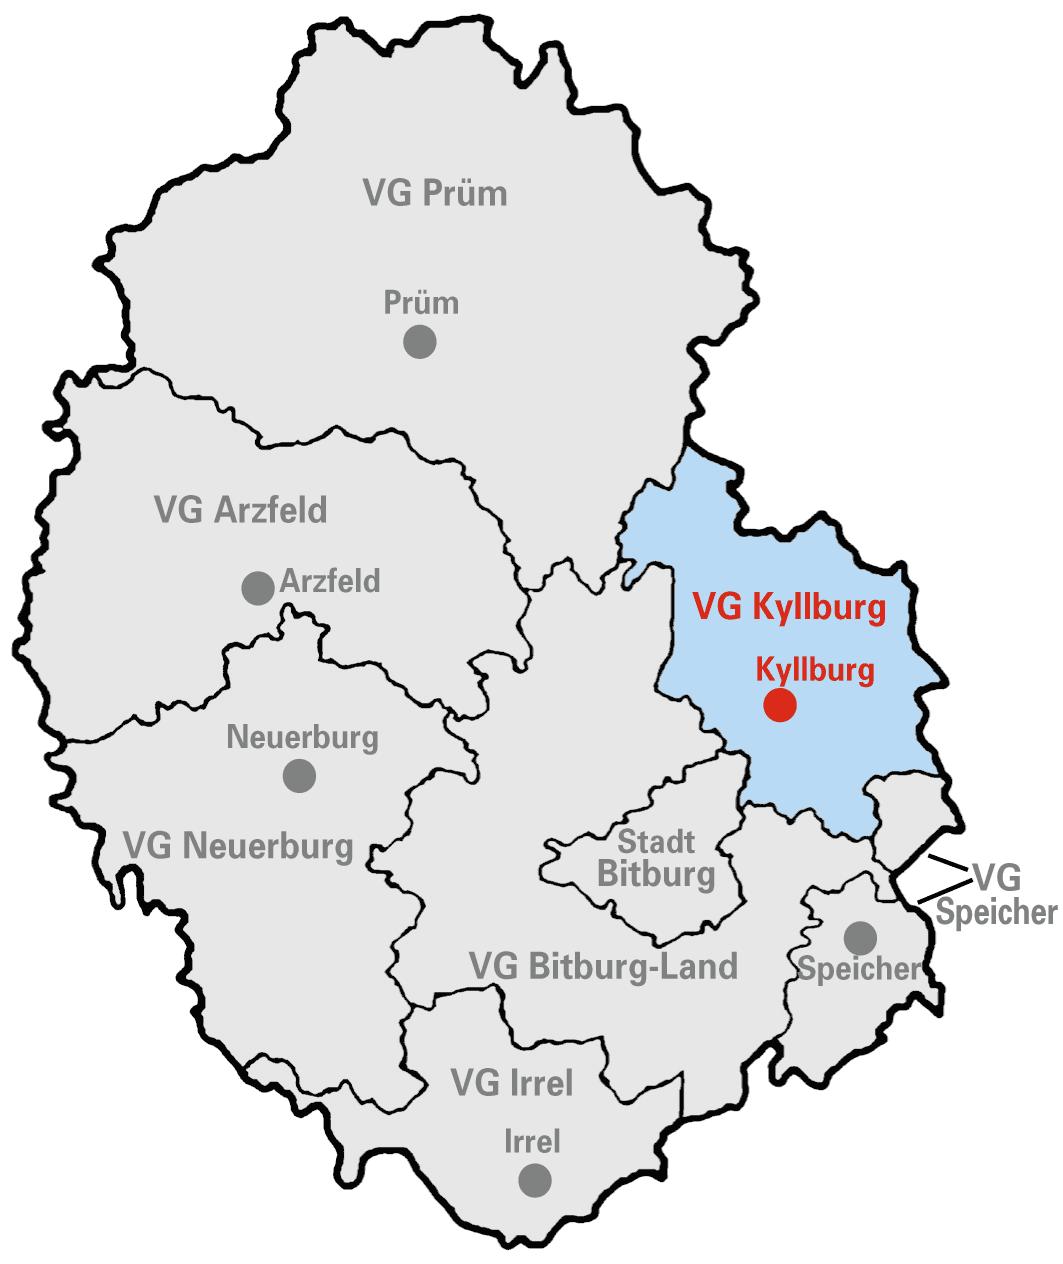 vvideoporno deutsch Kyllburg(Rhineland-Palatinate)